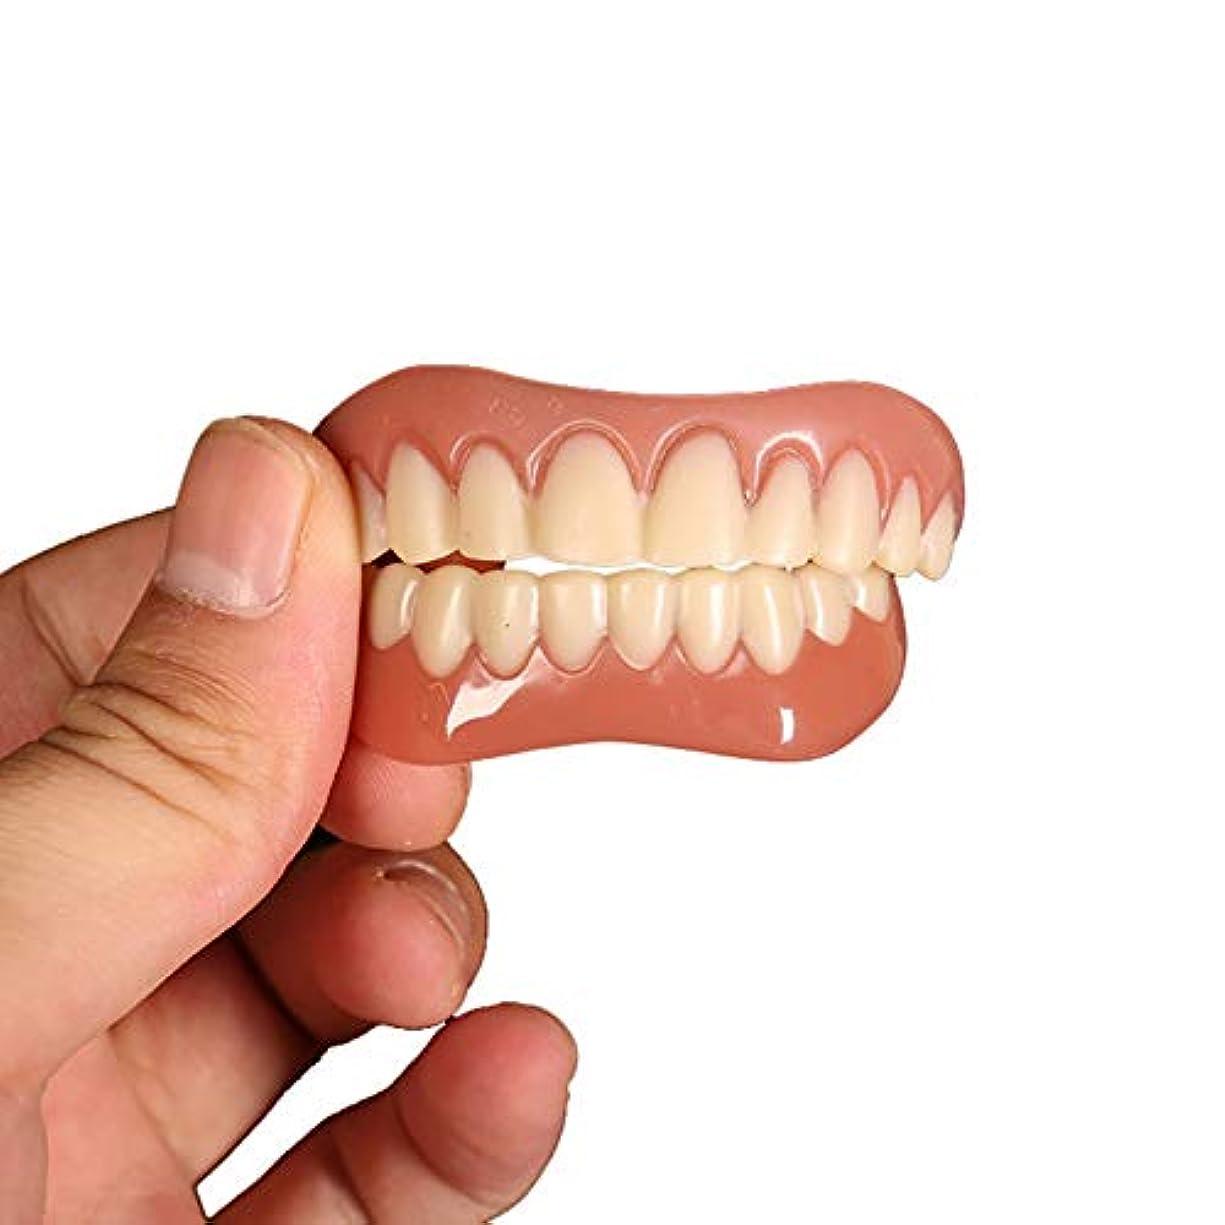 払い戻し花毛皮2対歯科用ベニア快適なフィット歯のトップとボトム化粧品のベニヤワンサイズフィットすべての義歯接着剤歯偽義歯歯笑顔